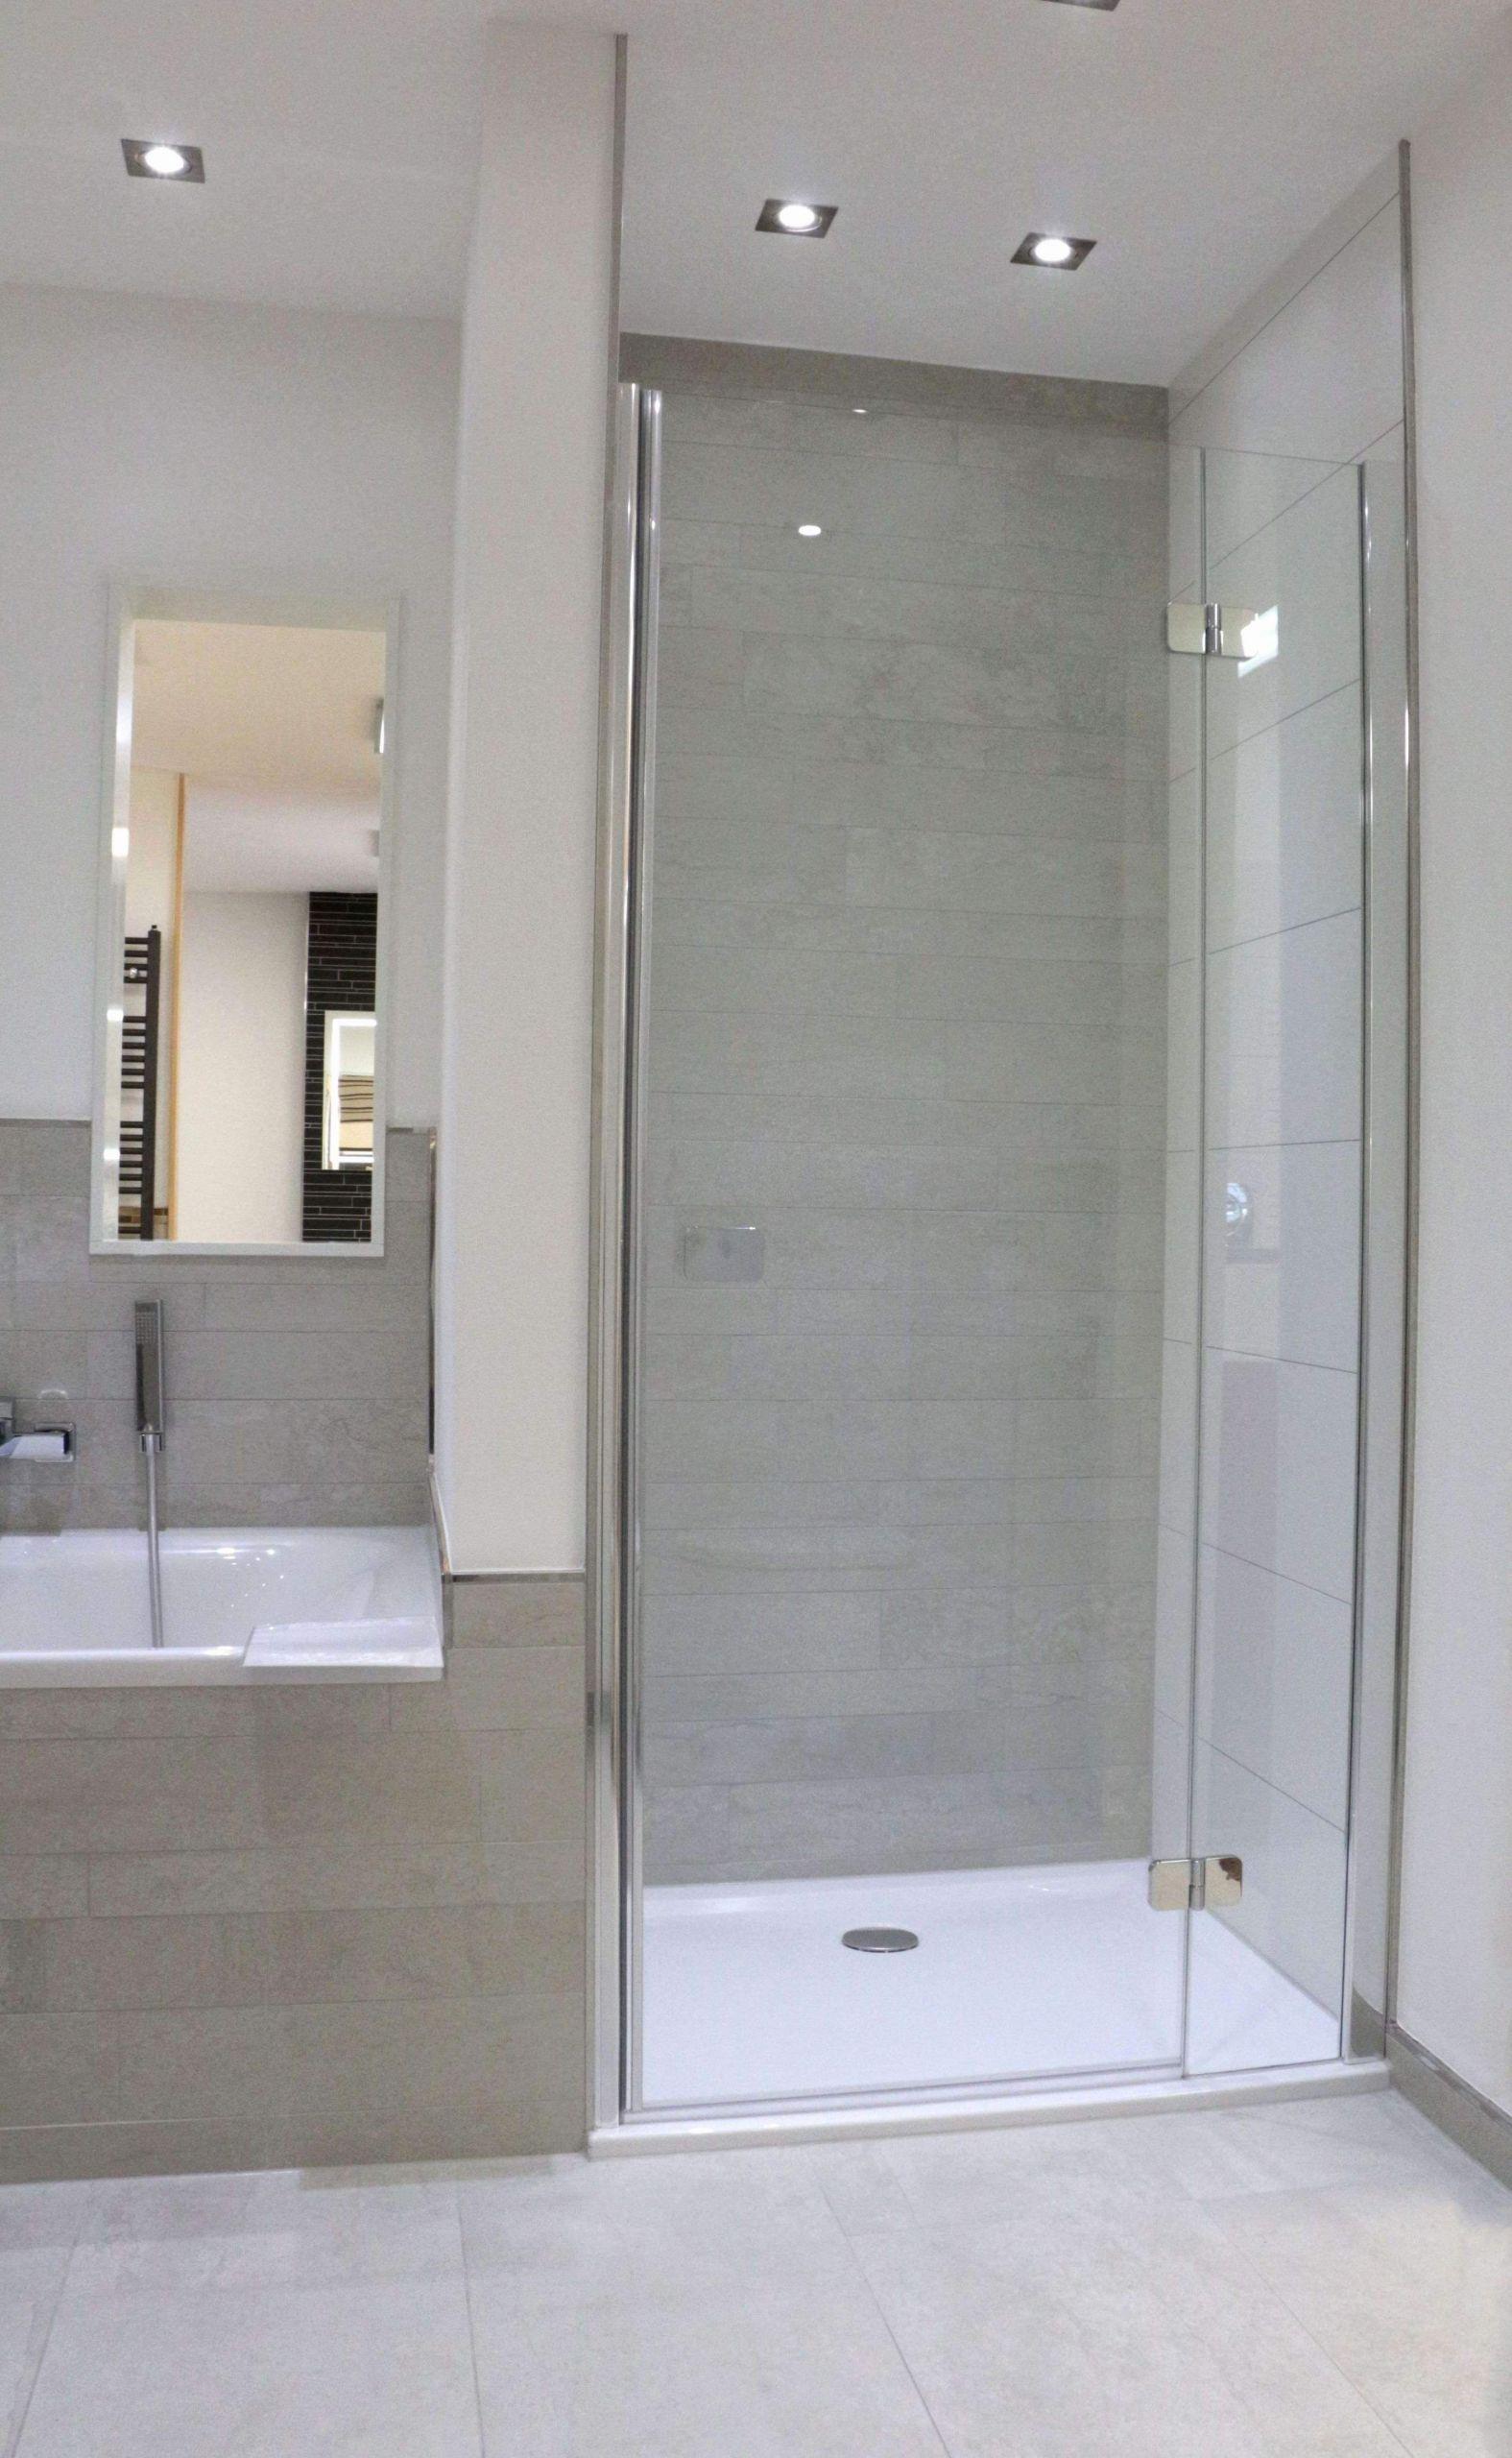 dusche garten genial garten regal weinkisten regal bauen neu dusche mit mauer dusche mit mauer